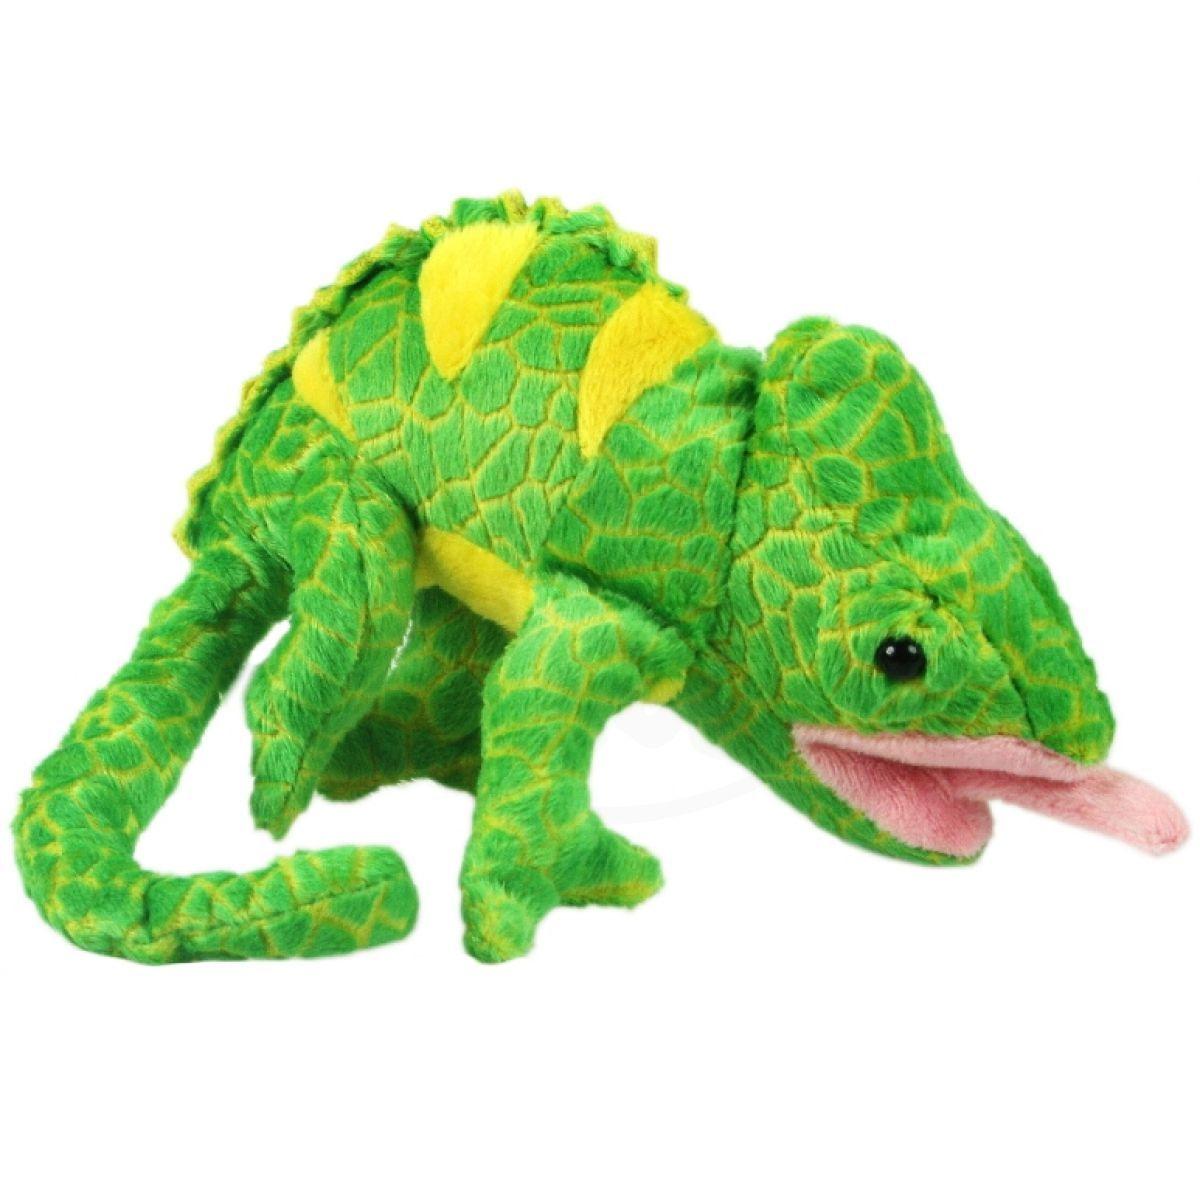 Plyšový Chameleon 17 Cm